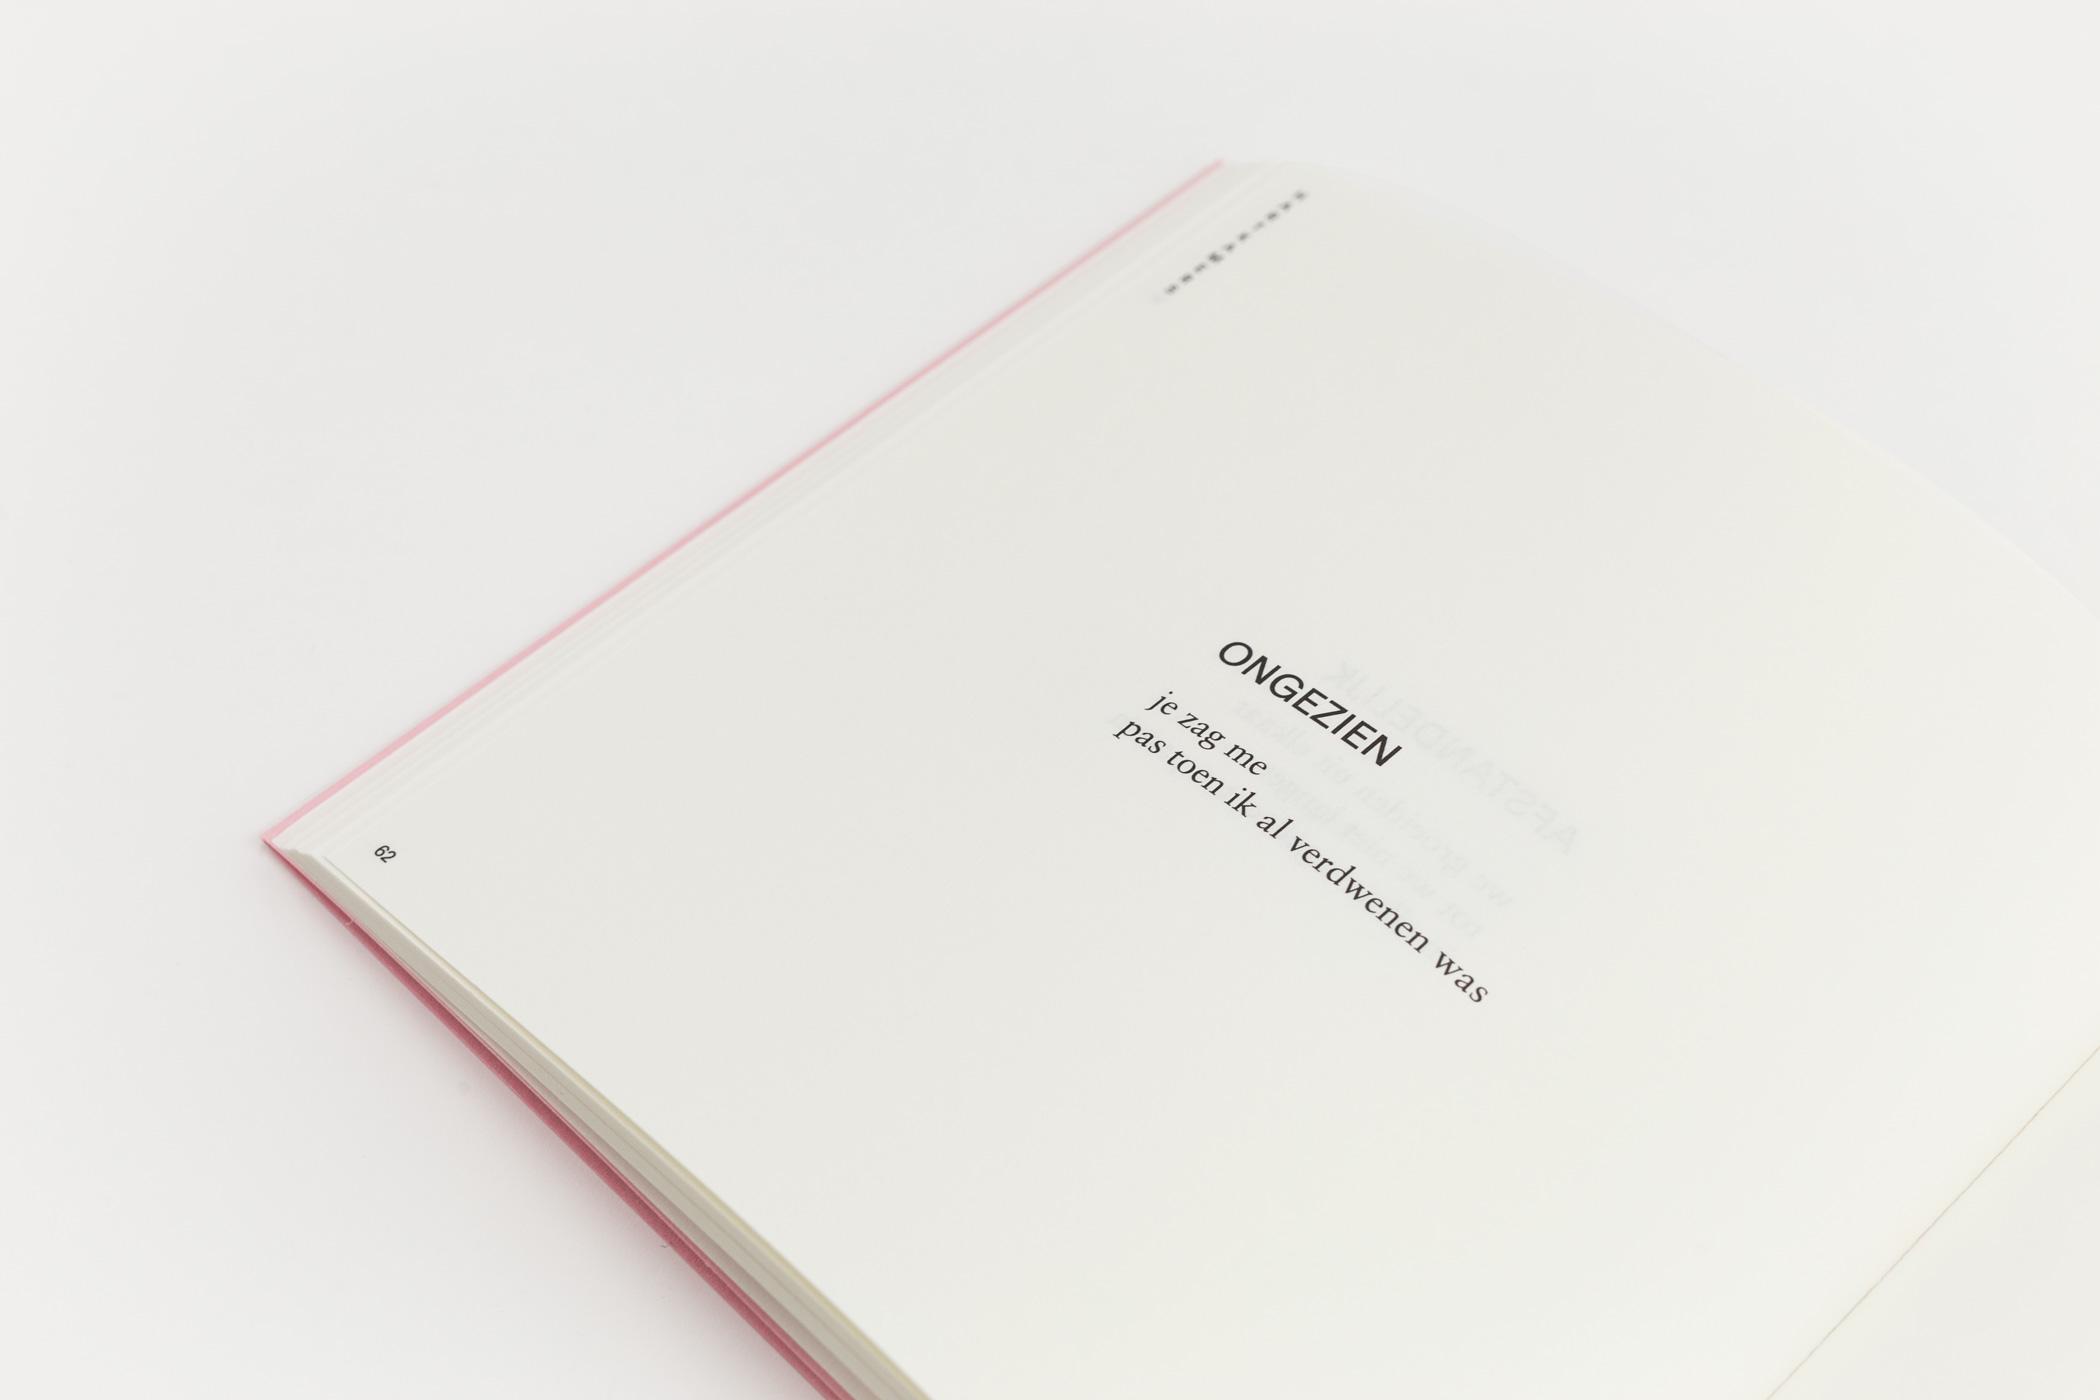 Adriana Ivanova kwam naar De Monsterkamer om papier vinden voor gedichtenbundel Zuurstof. Ontwerp door Lyanne Tonk.